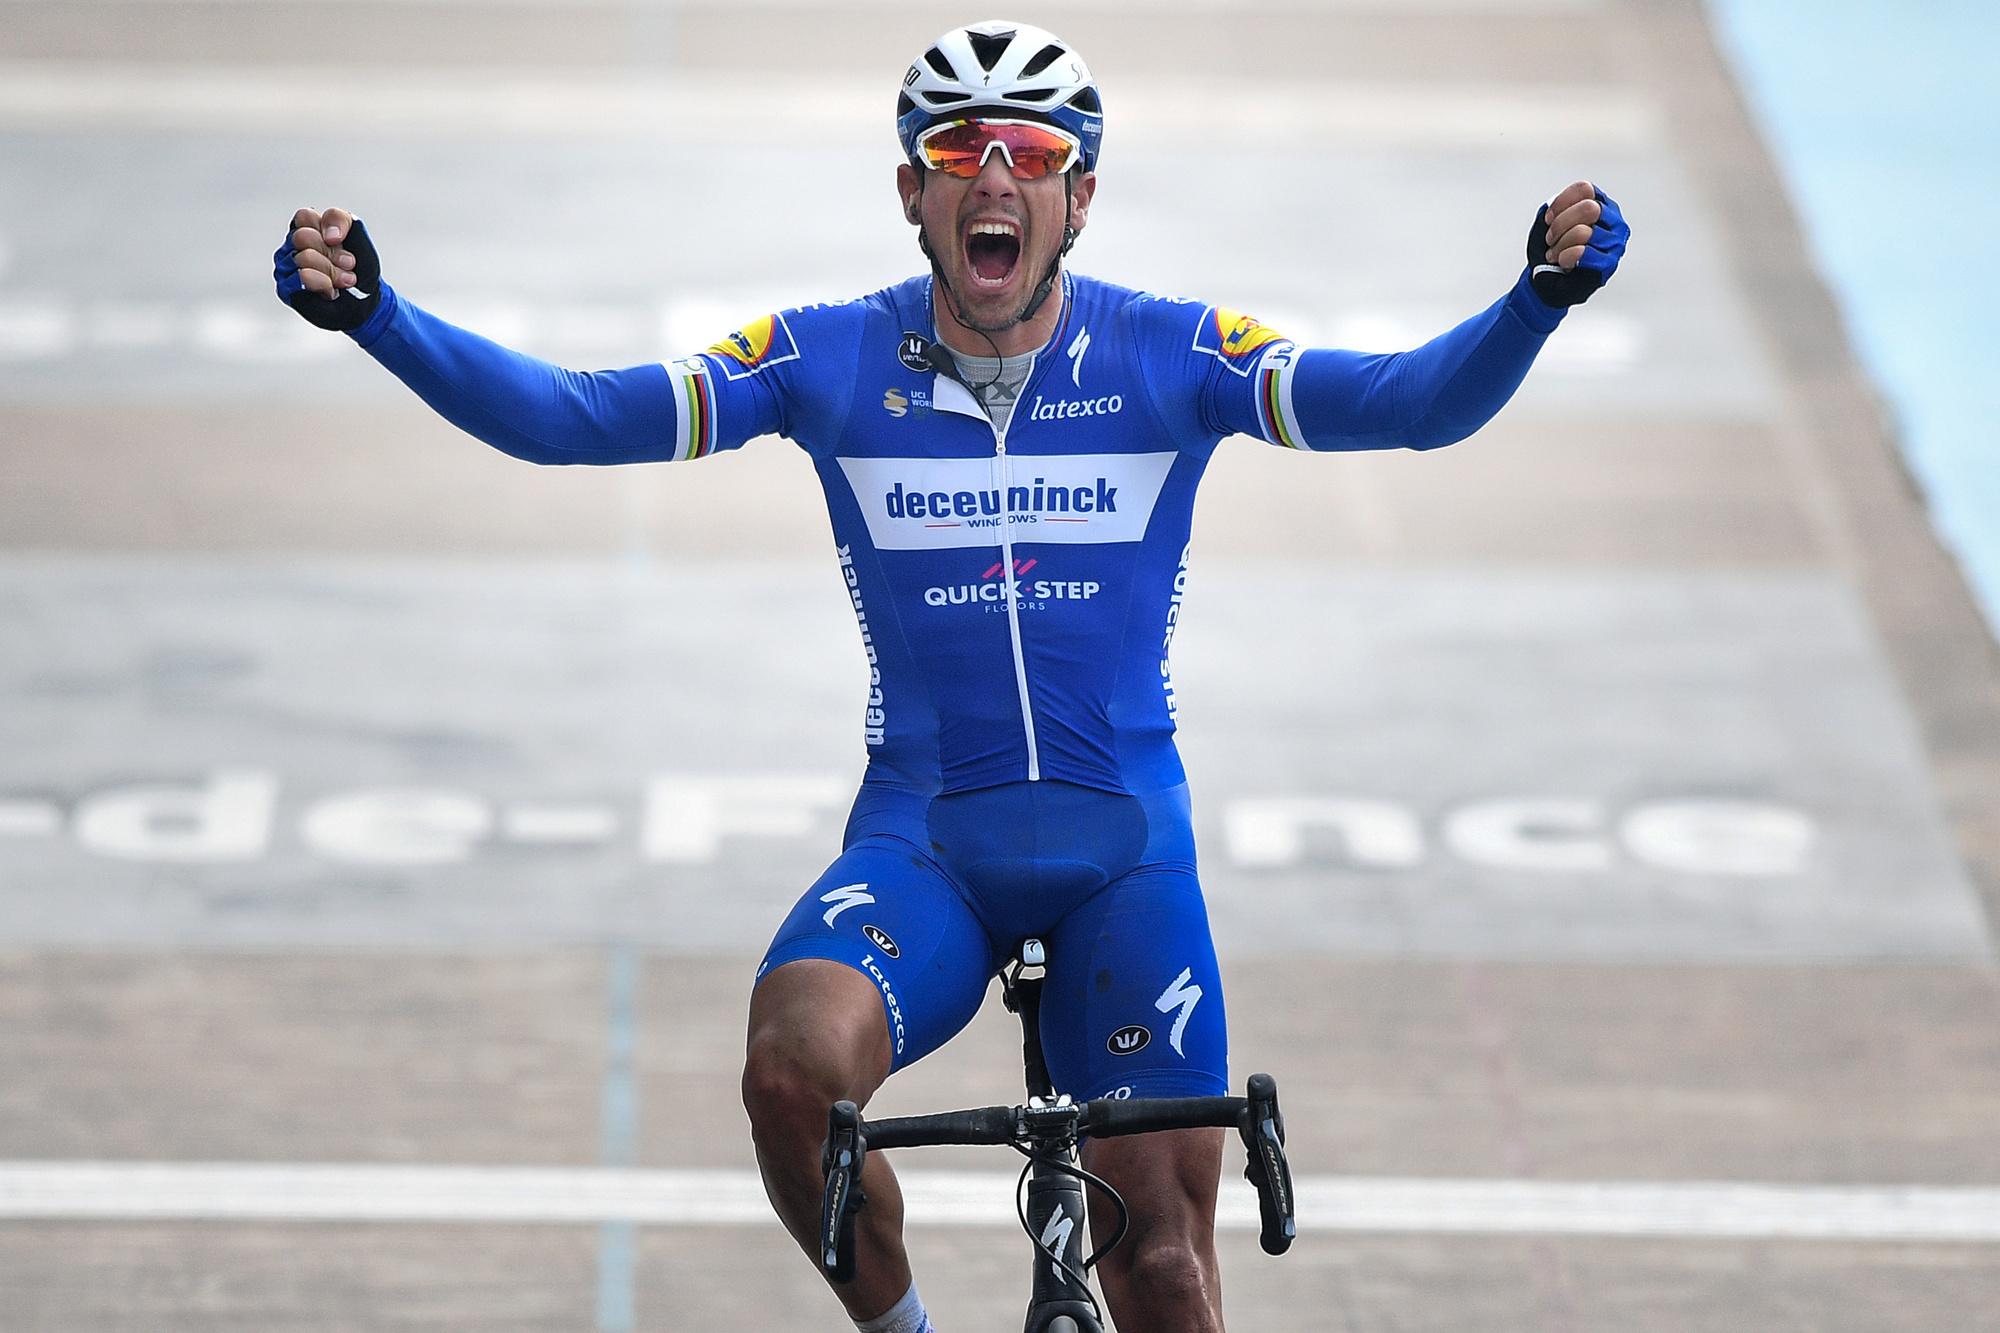 Lors de sa victoire à Roubaix., belga